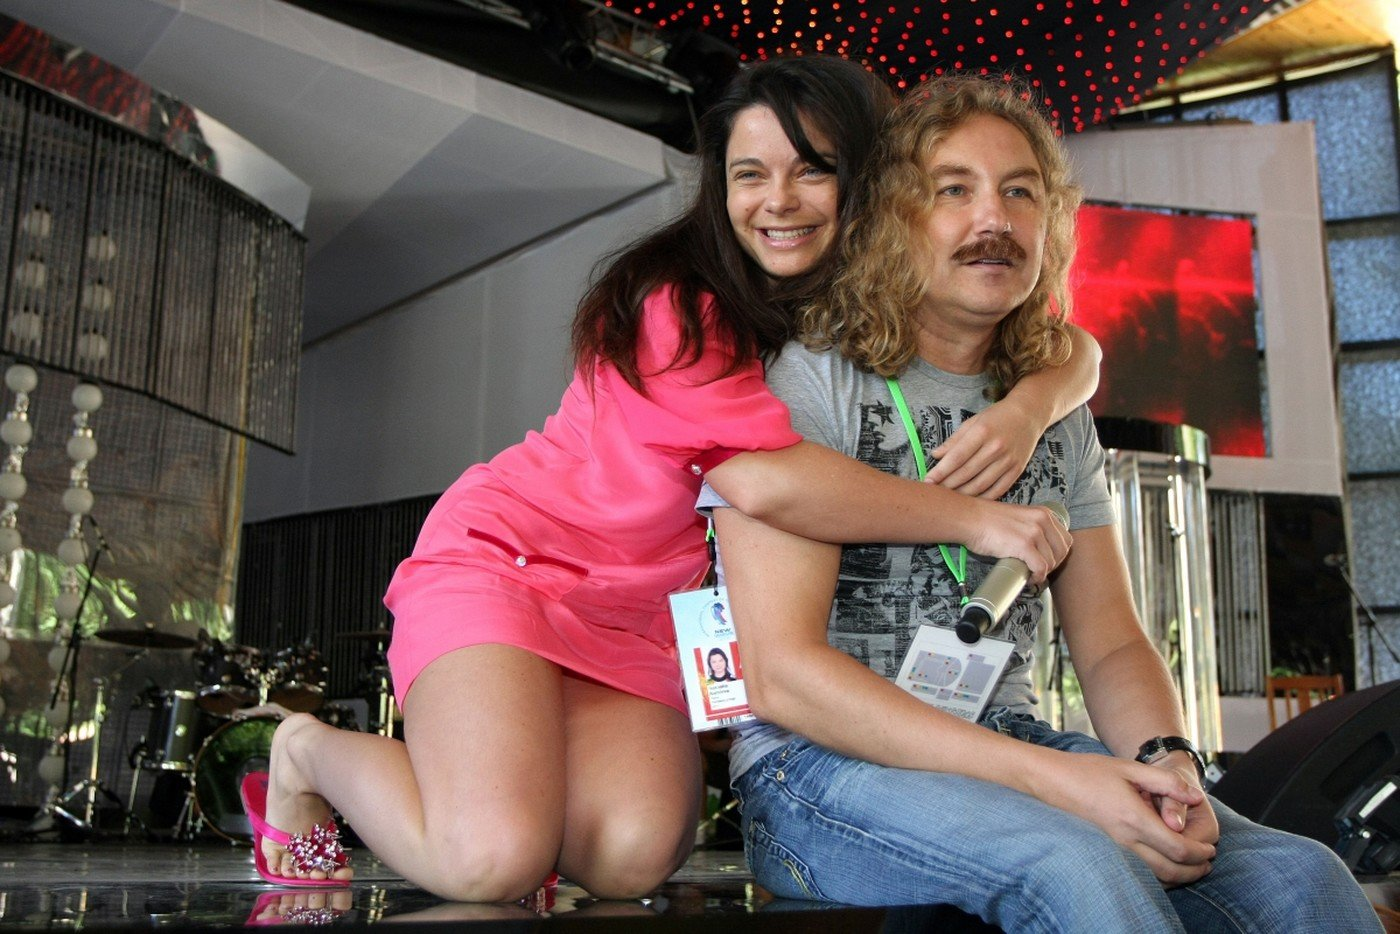 Наташа Королева и Игорь Николаев прожили в браке 9 лет